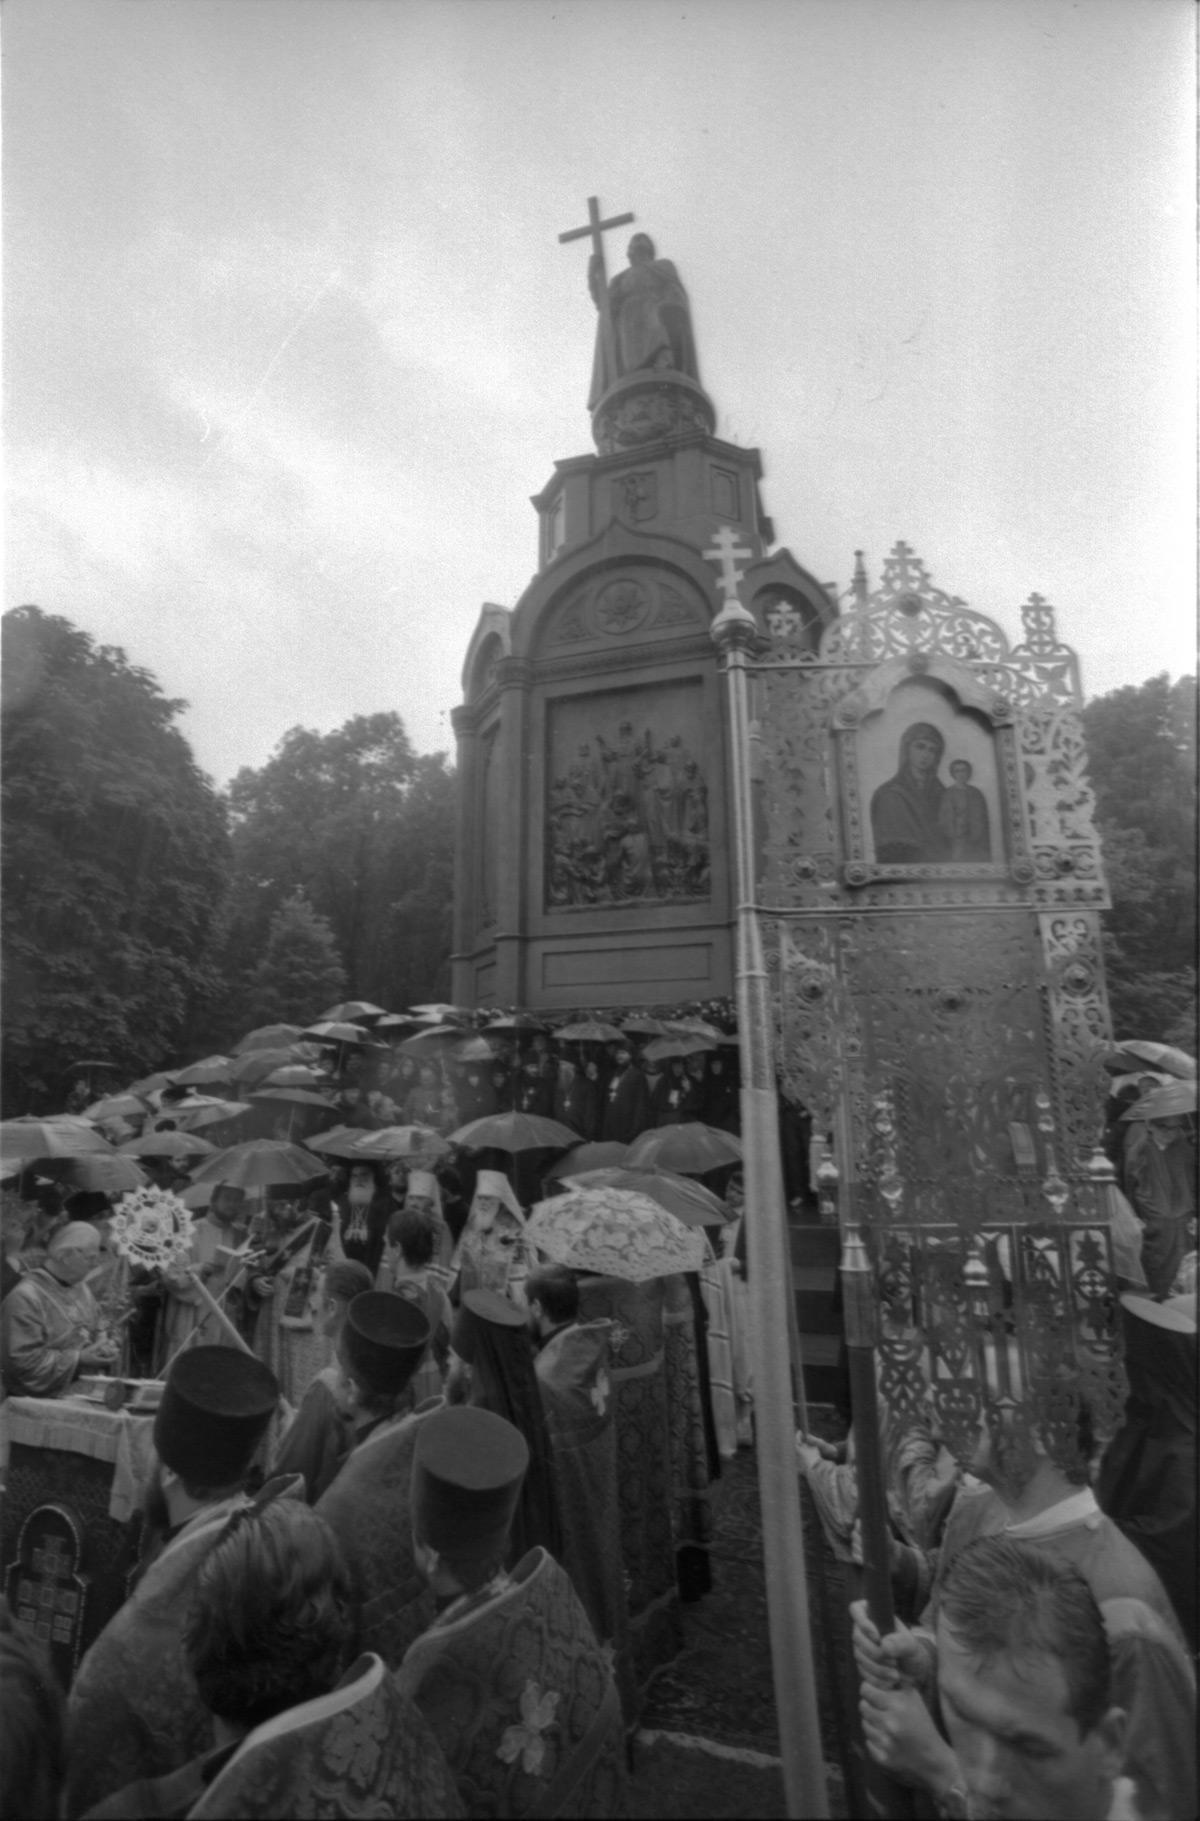 Празднование 1000-летия Крещения Руси. 1988 г., молебен на Владимирской горке в Киеве/ foma.in.ua